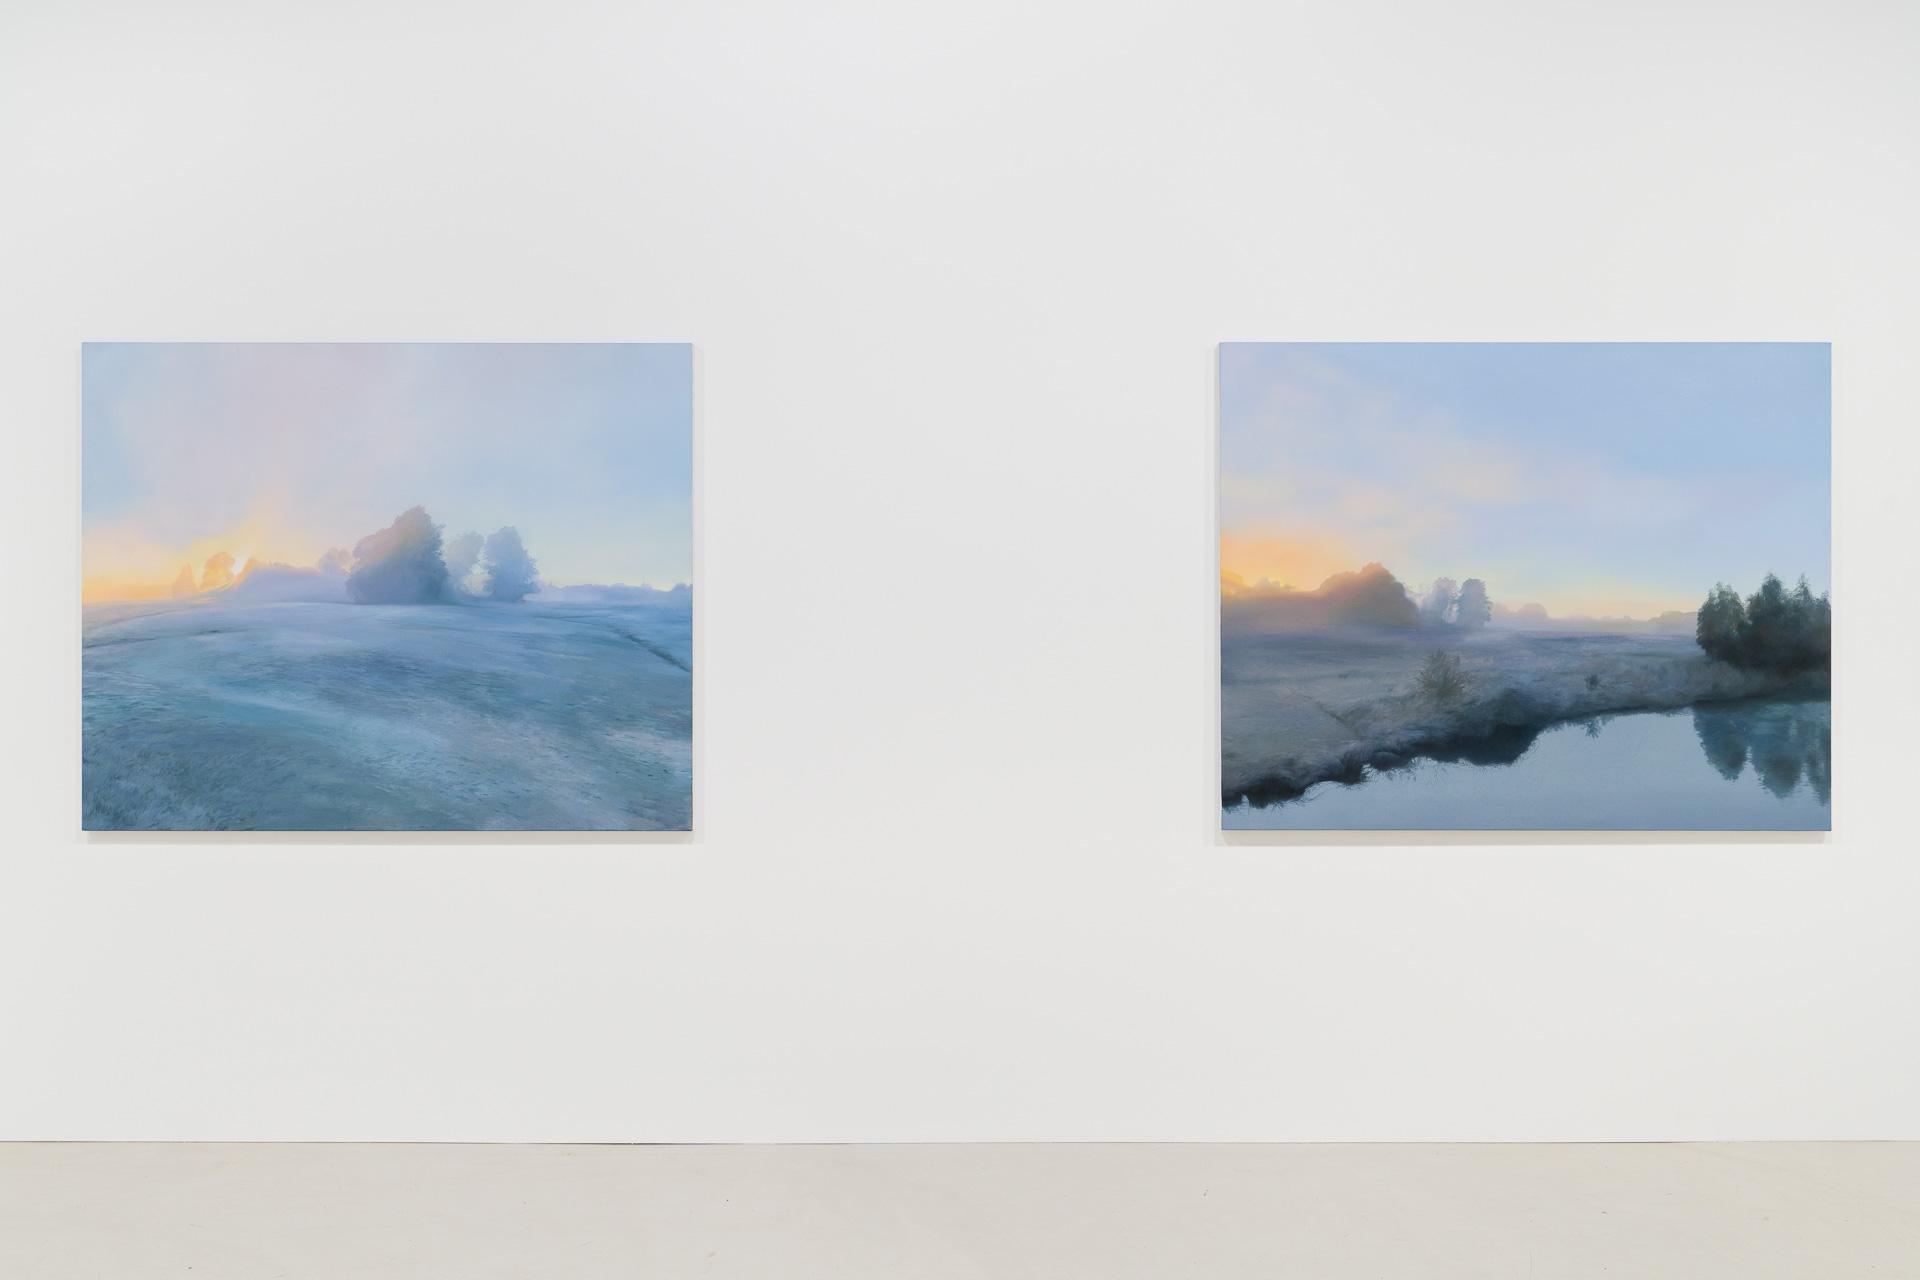 Landscapes #5